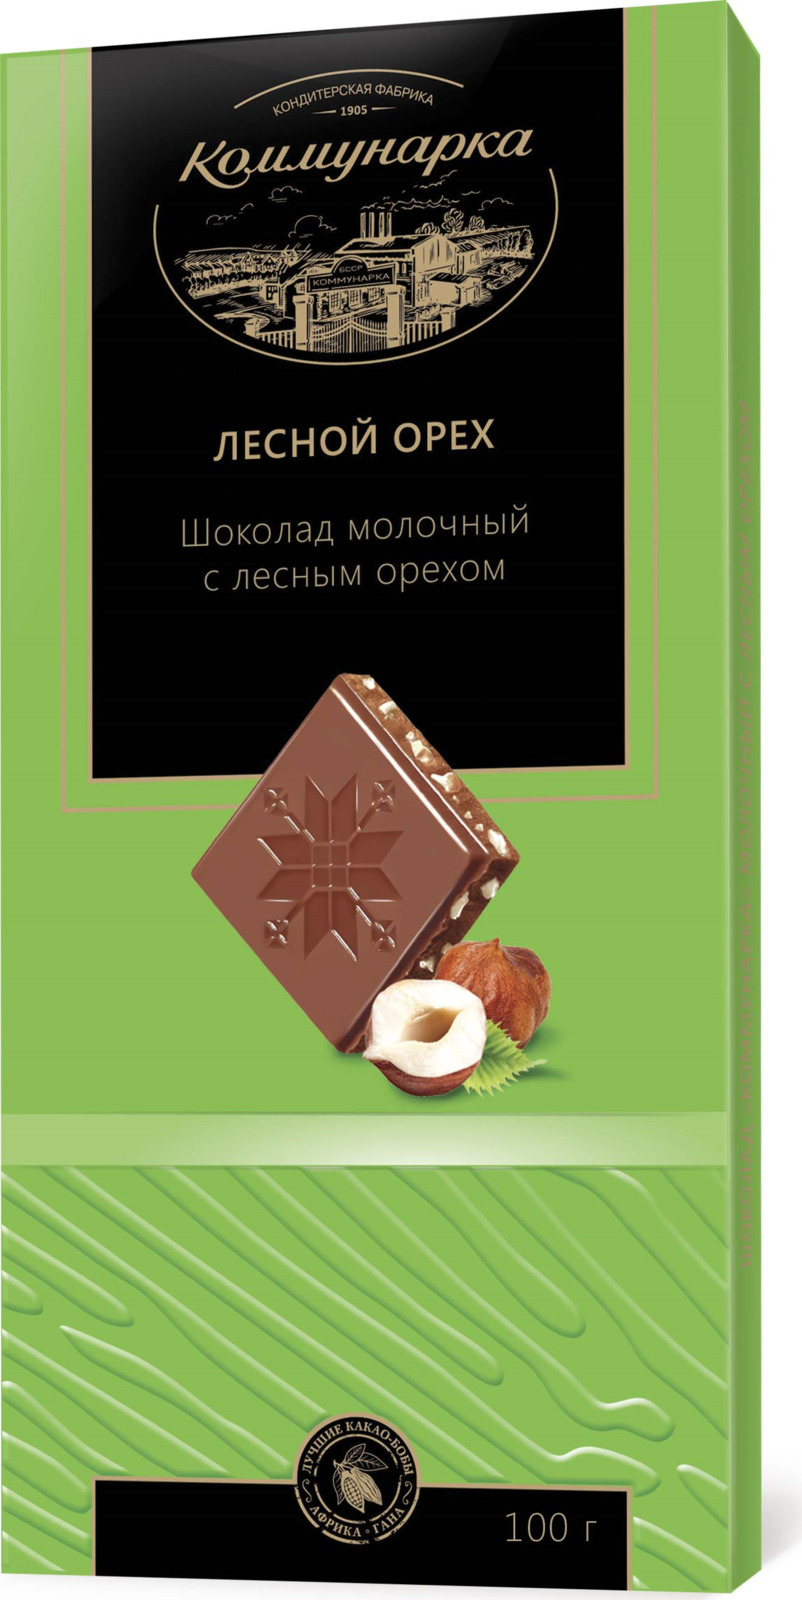 Коммунарка шоколад молочный, с лесным орехом, 100 г цена 2017